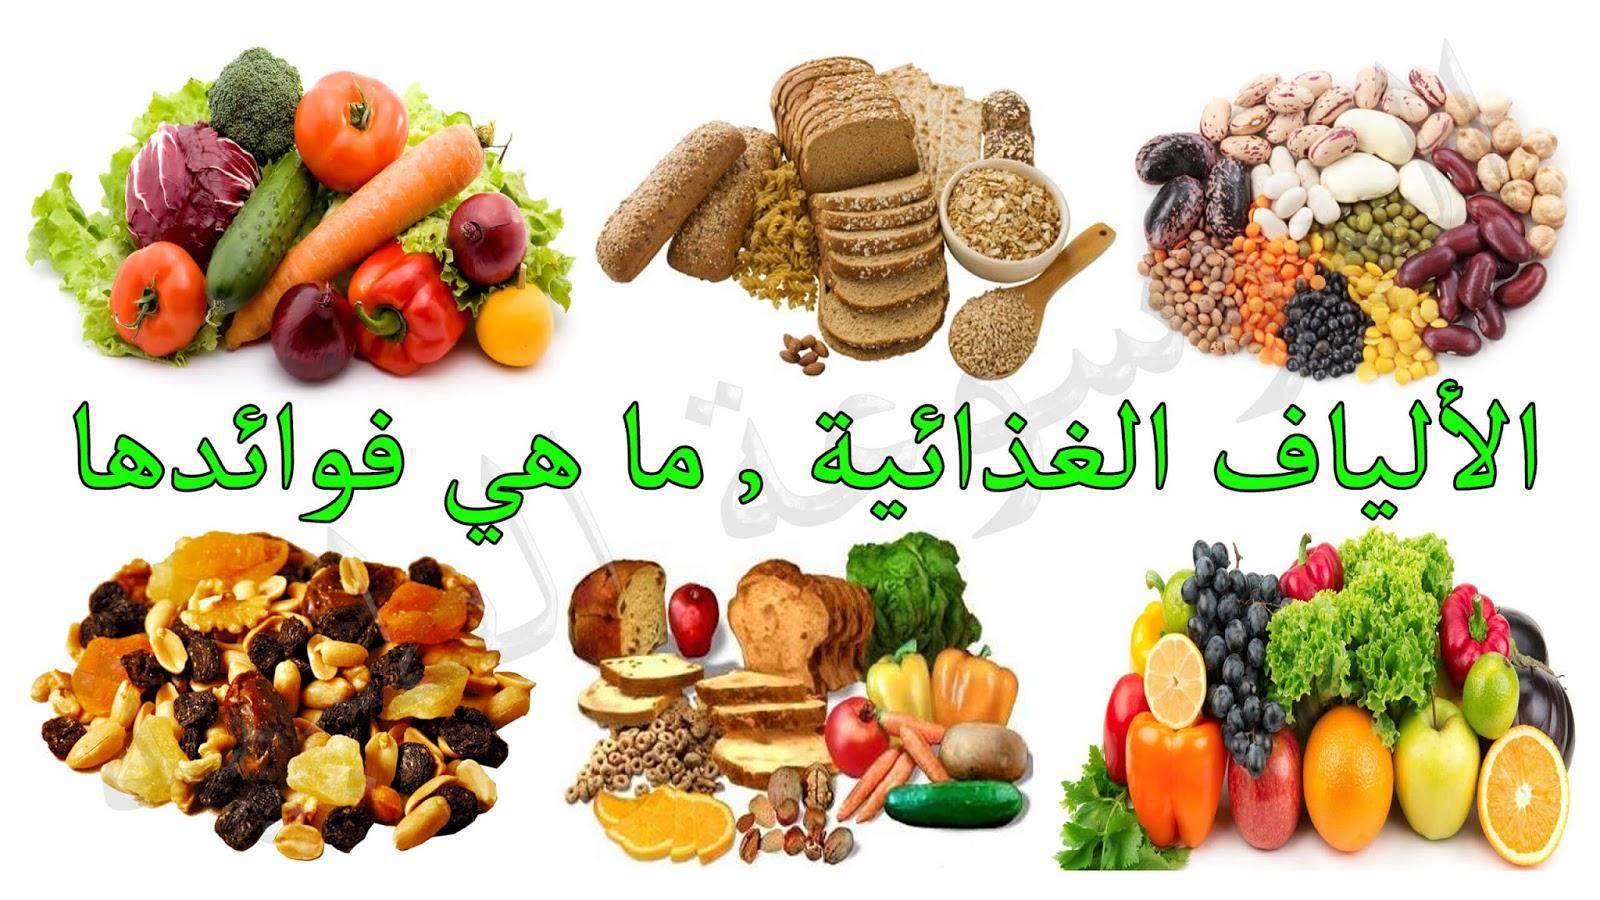 صورة ماهي الاطعمه التي تحتوي على الياف , اكثر الاطعمة افادة للجسد